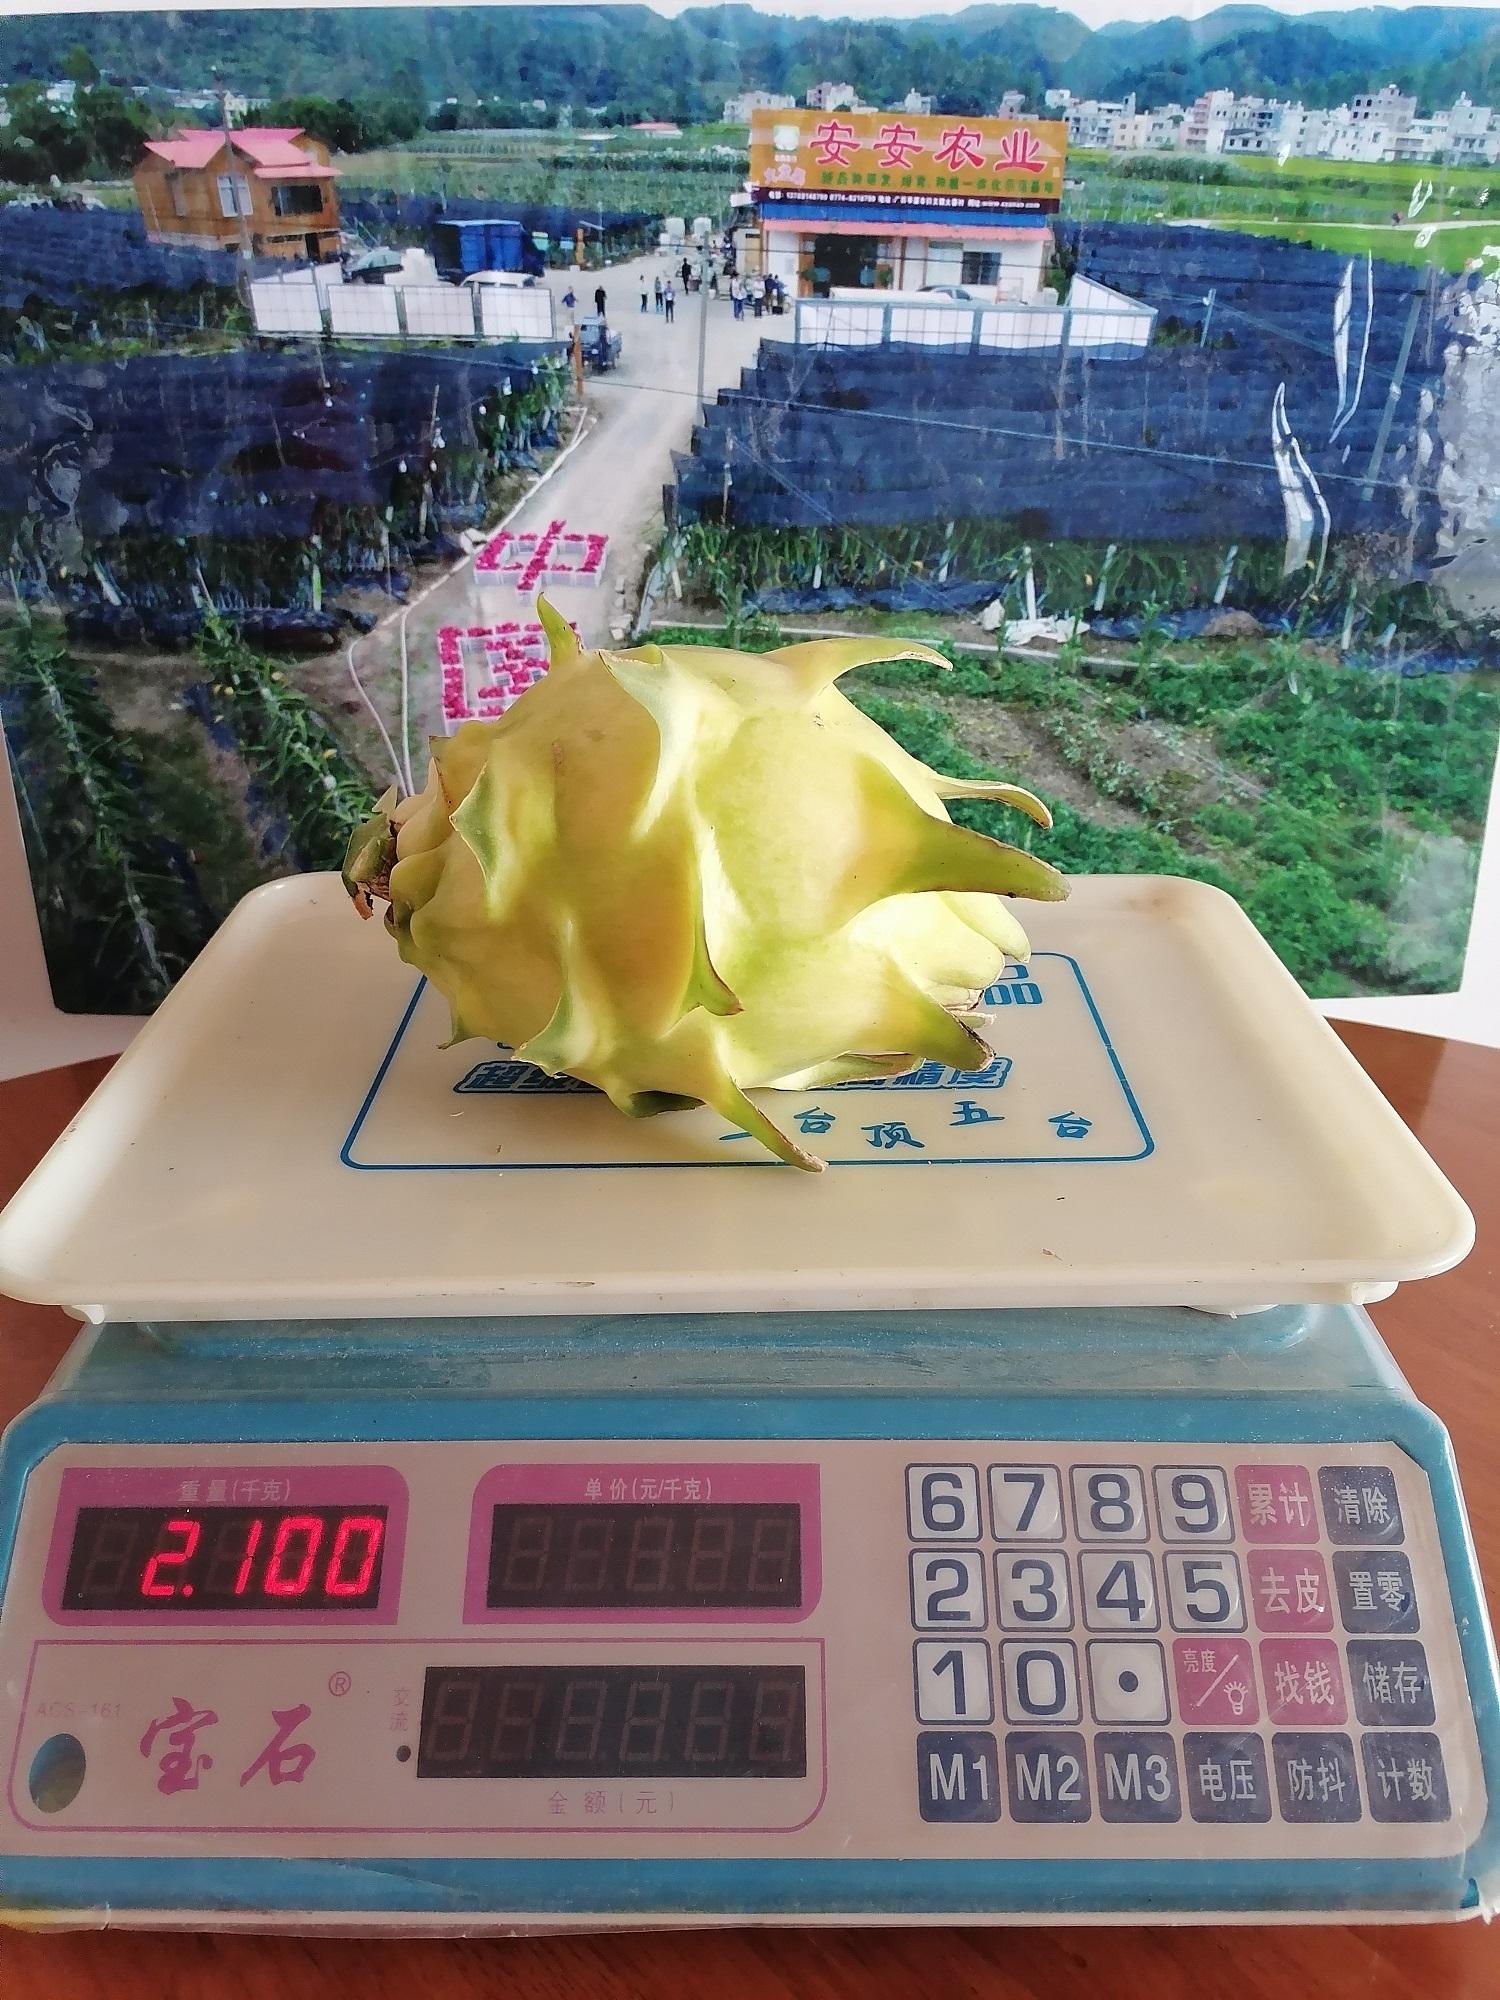 黄水晶-单果重量